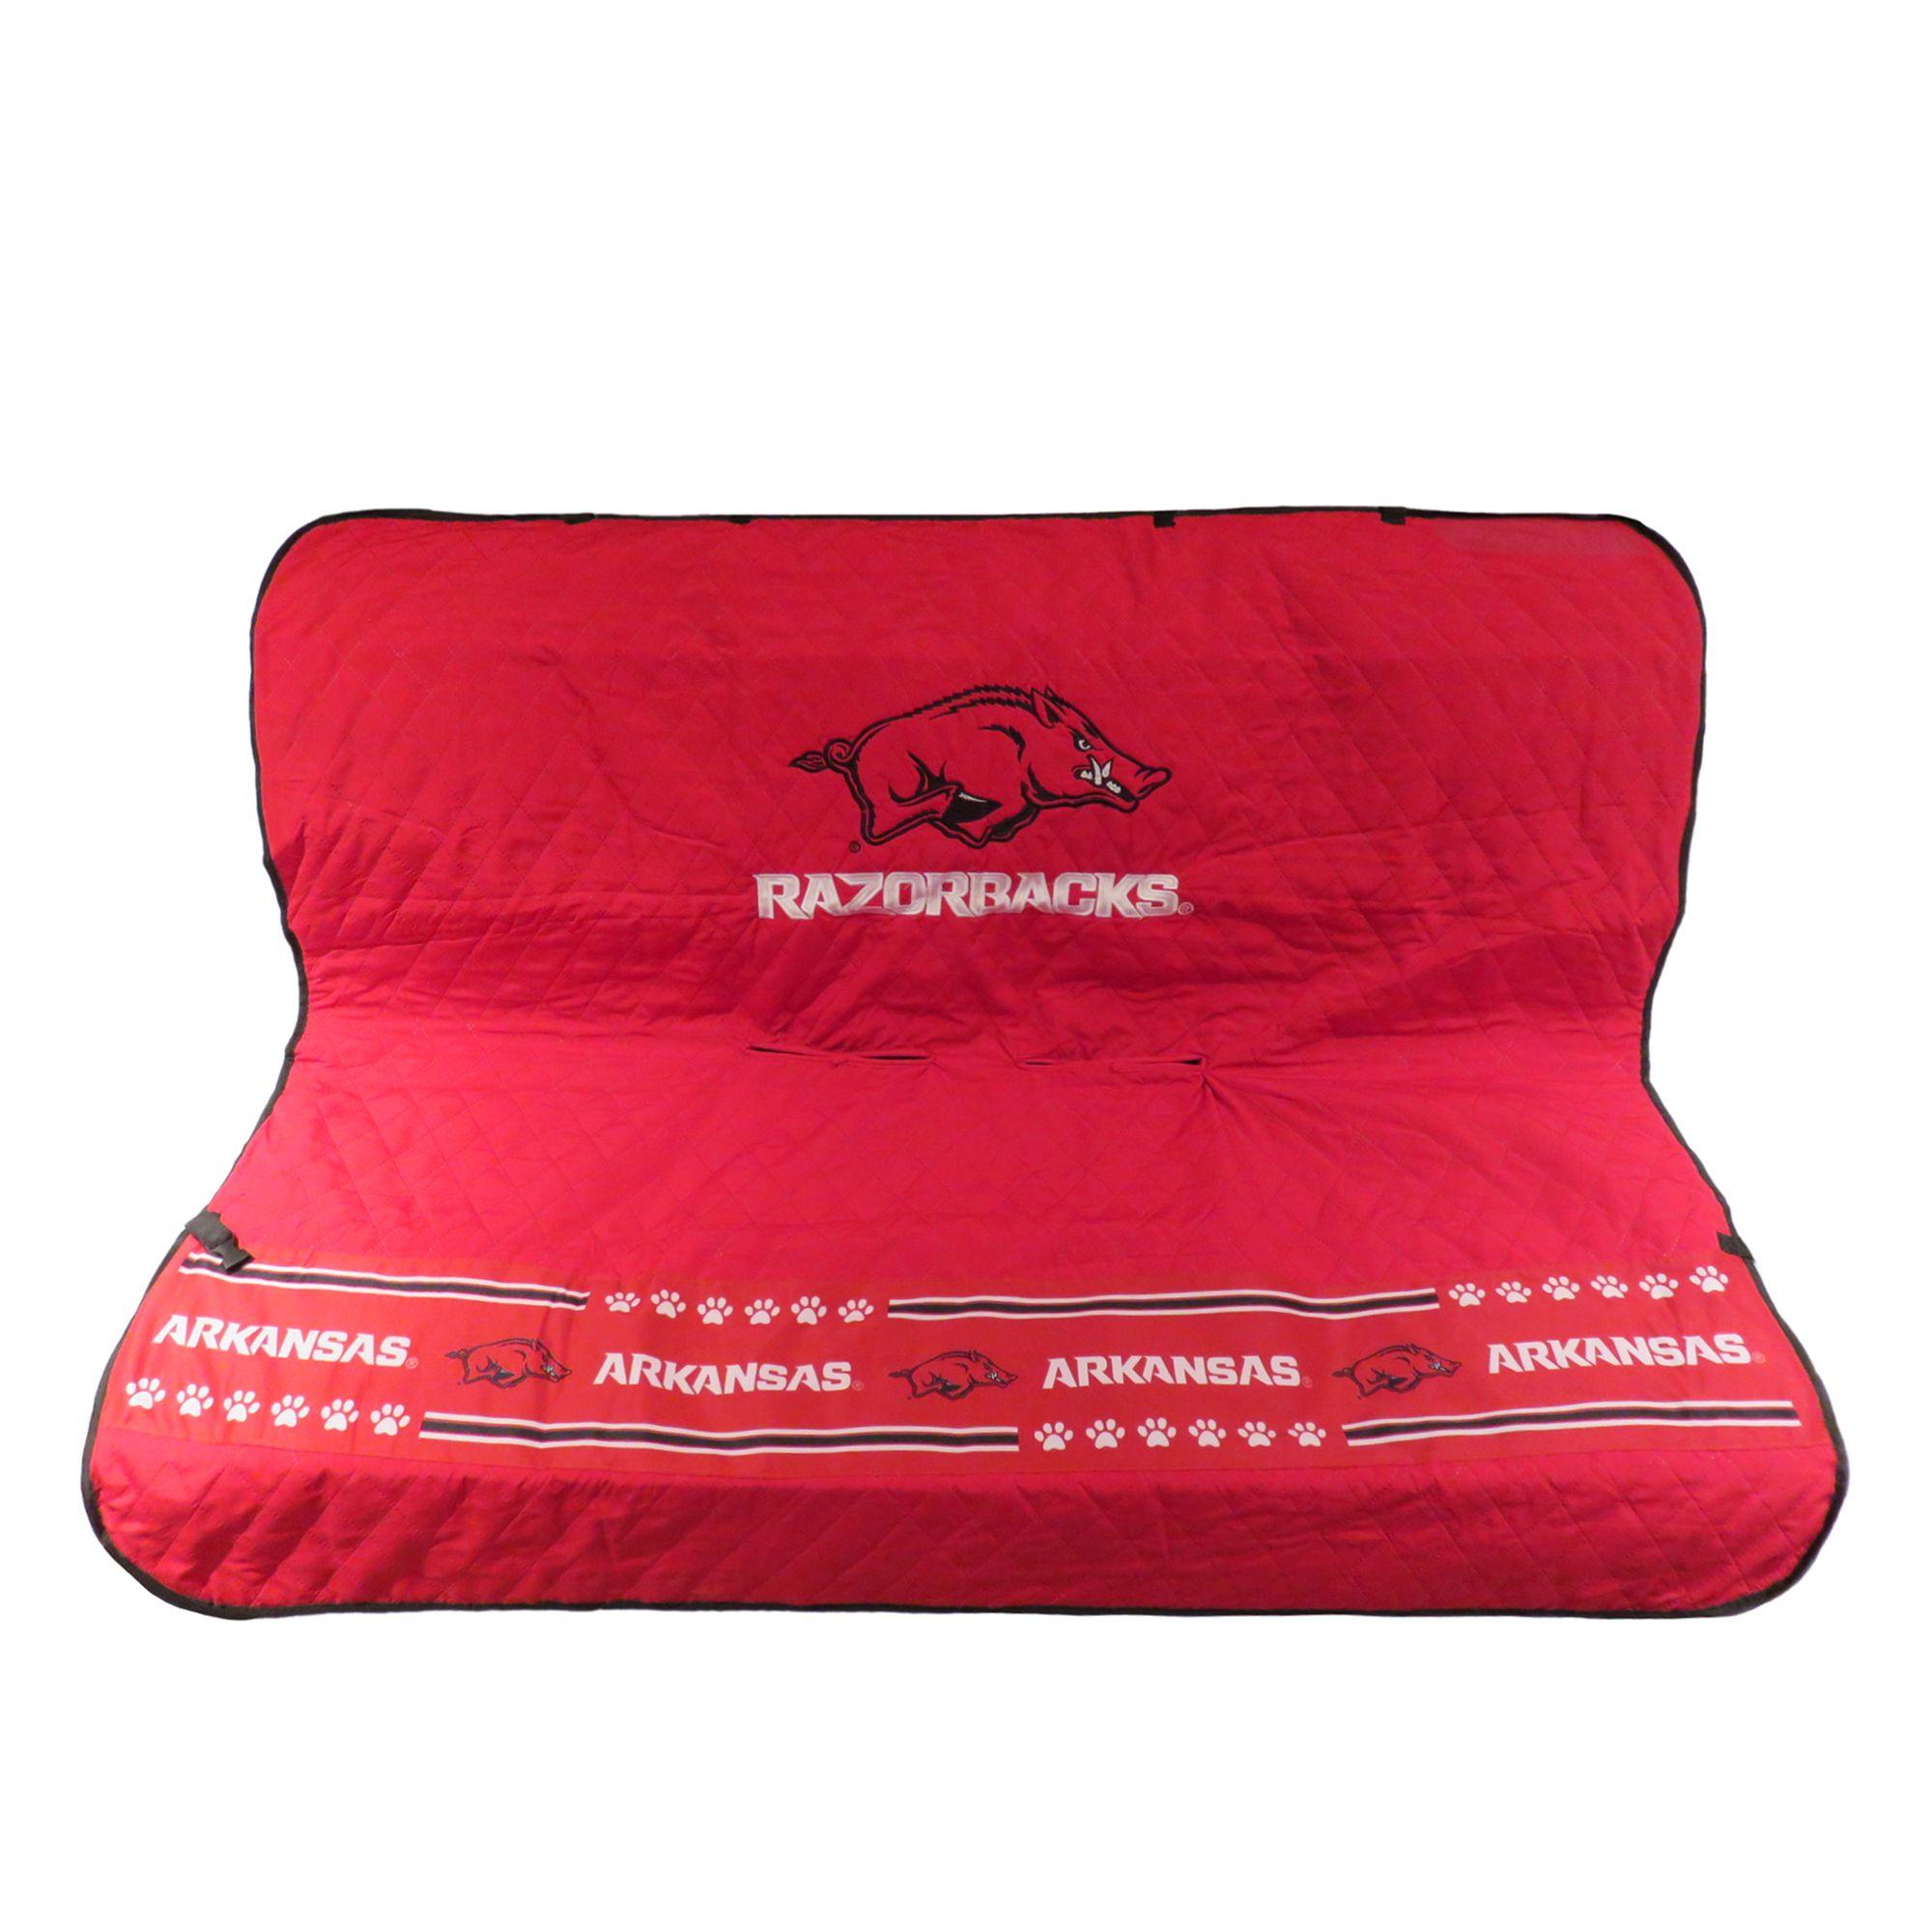 Arkansas Razorbacks Ncca Car Seat Cover Size 55w X 50l Pets First